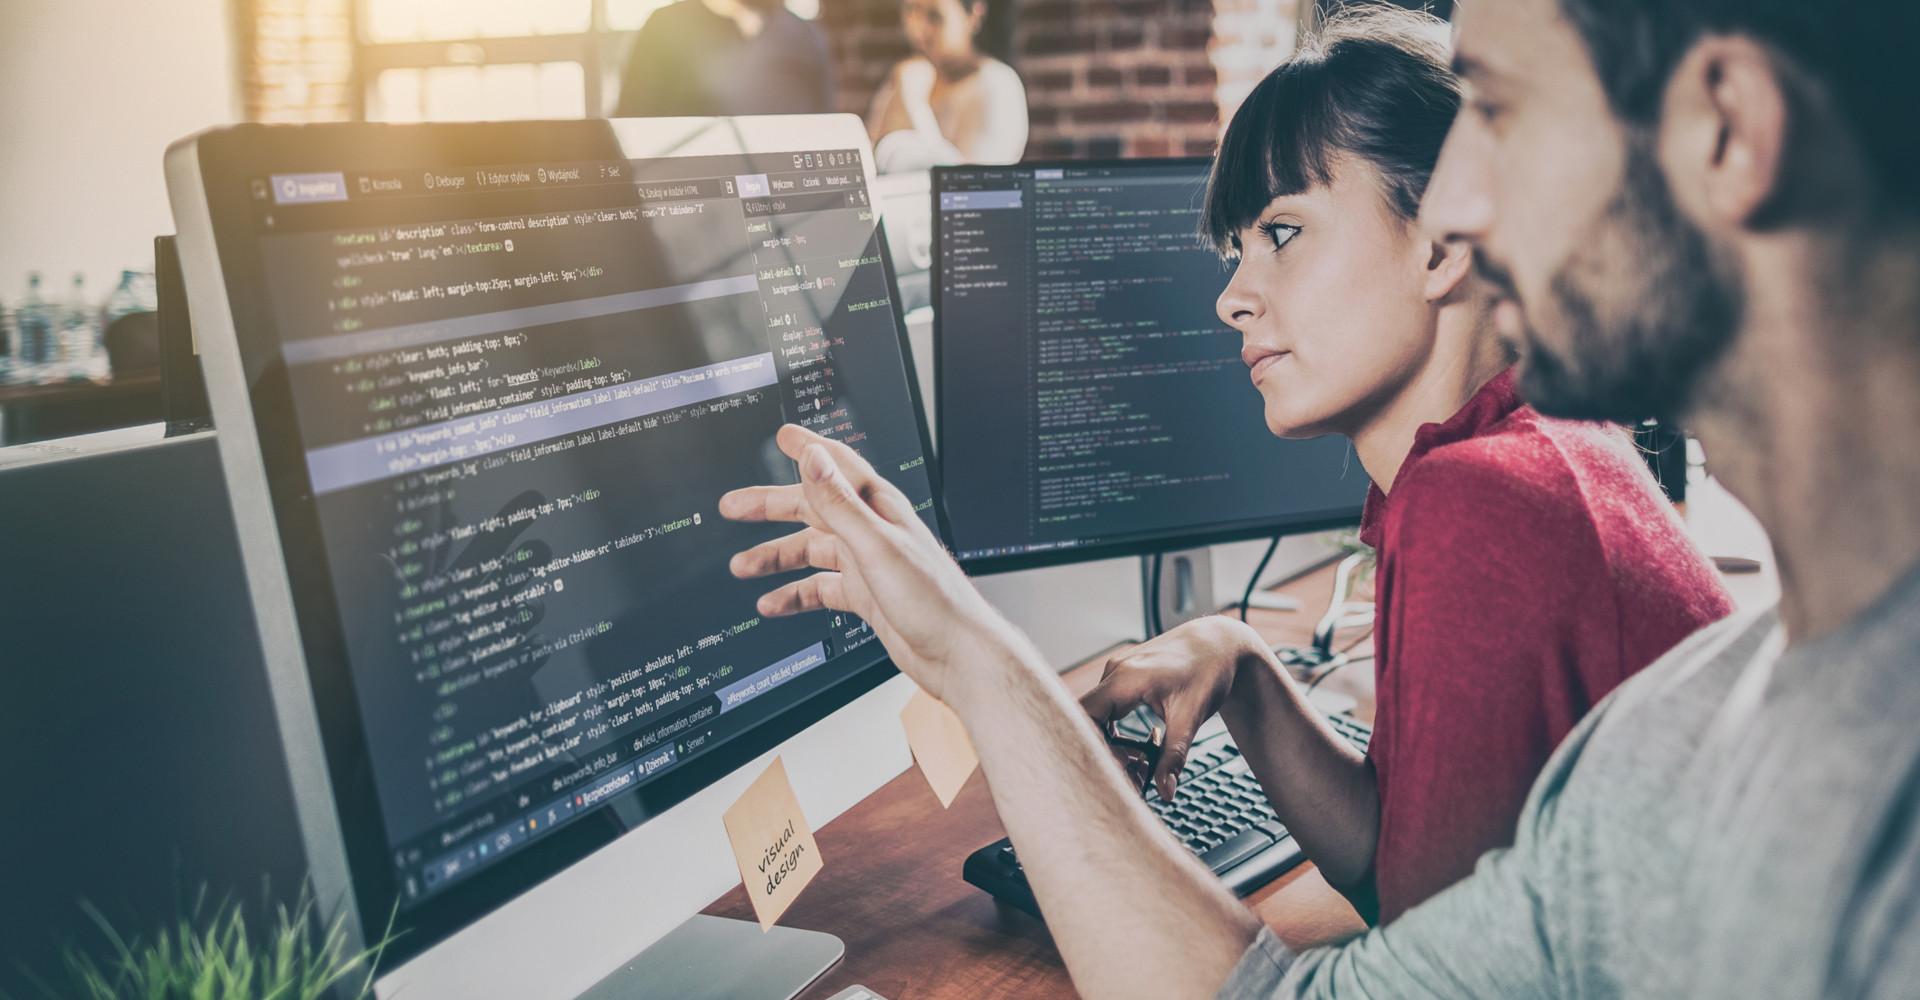 Eine Frau und ein Mann beraten sich vor einem Computer-Bildschirm.